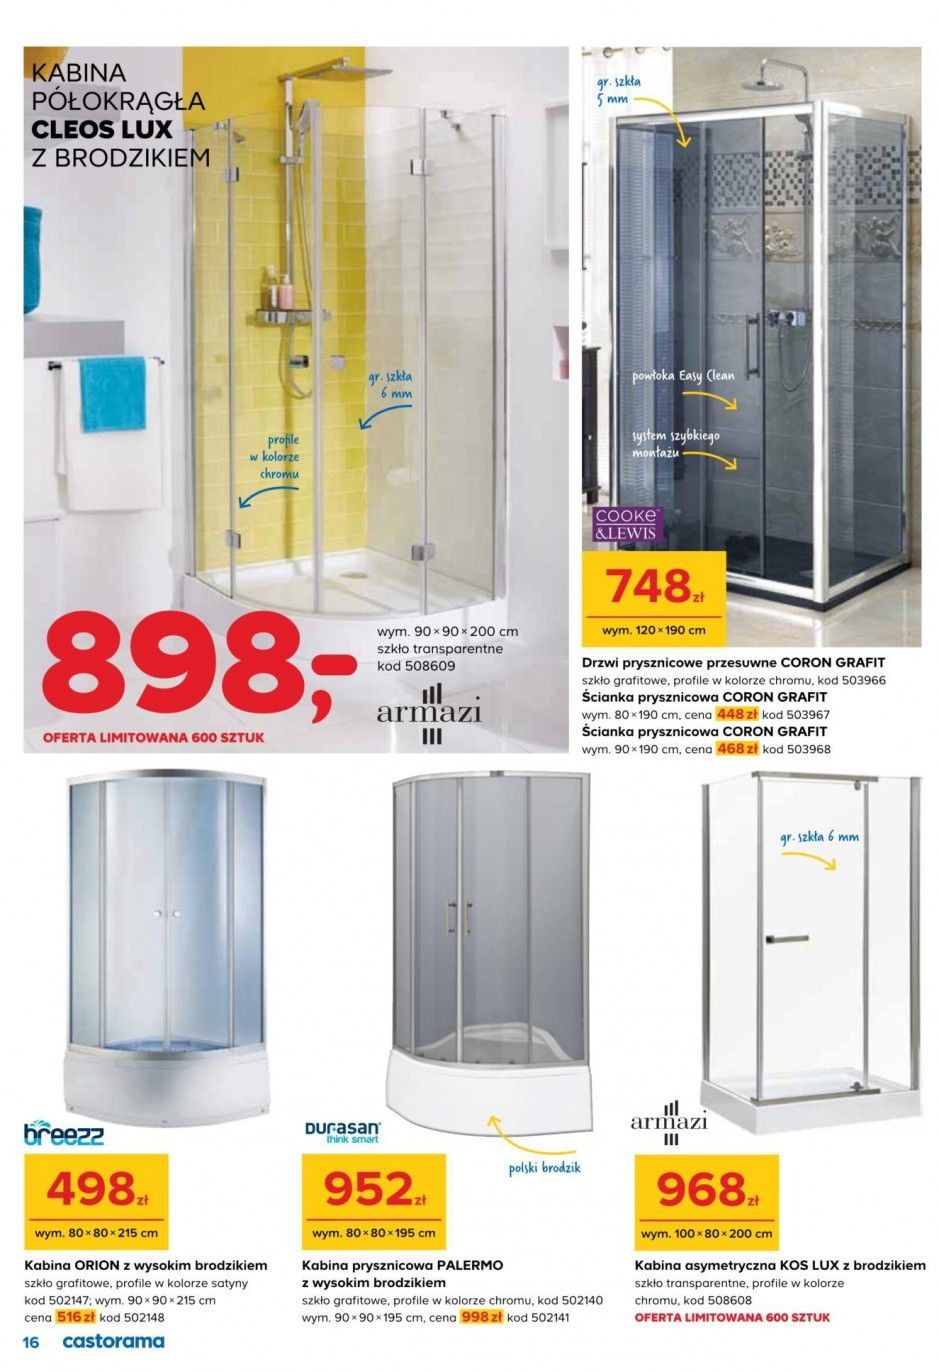 Gazetka Castorama Do 2016 02 28 Gazetka Promocyjna Strona 16 Locker Storage Storage Home Decor